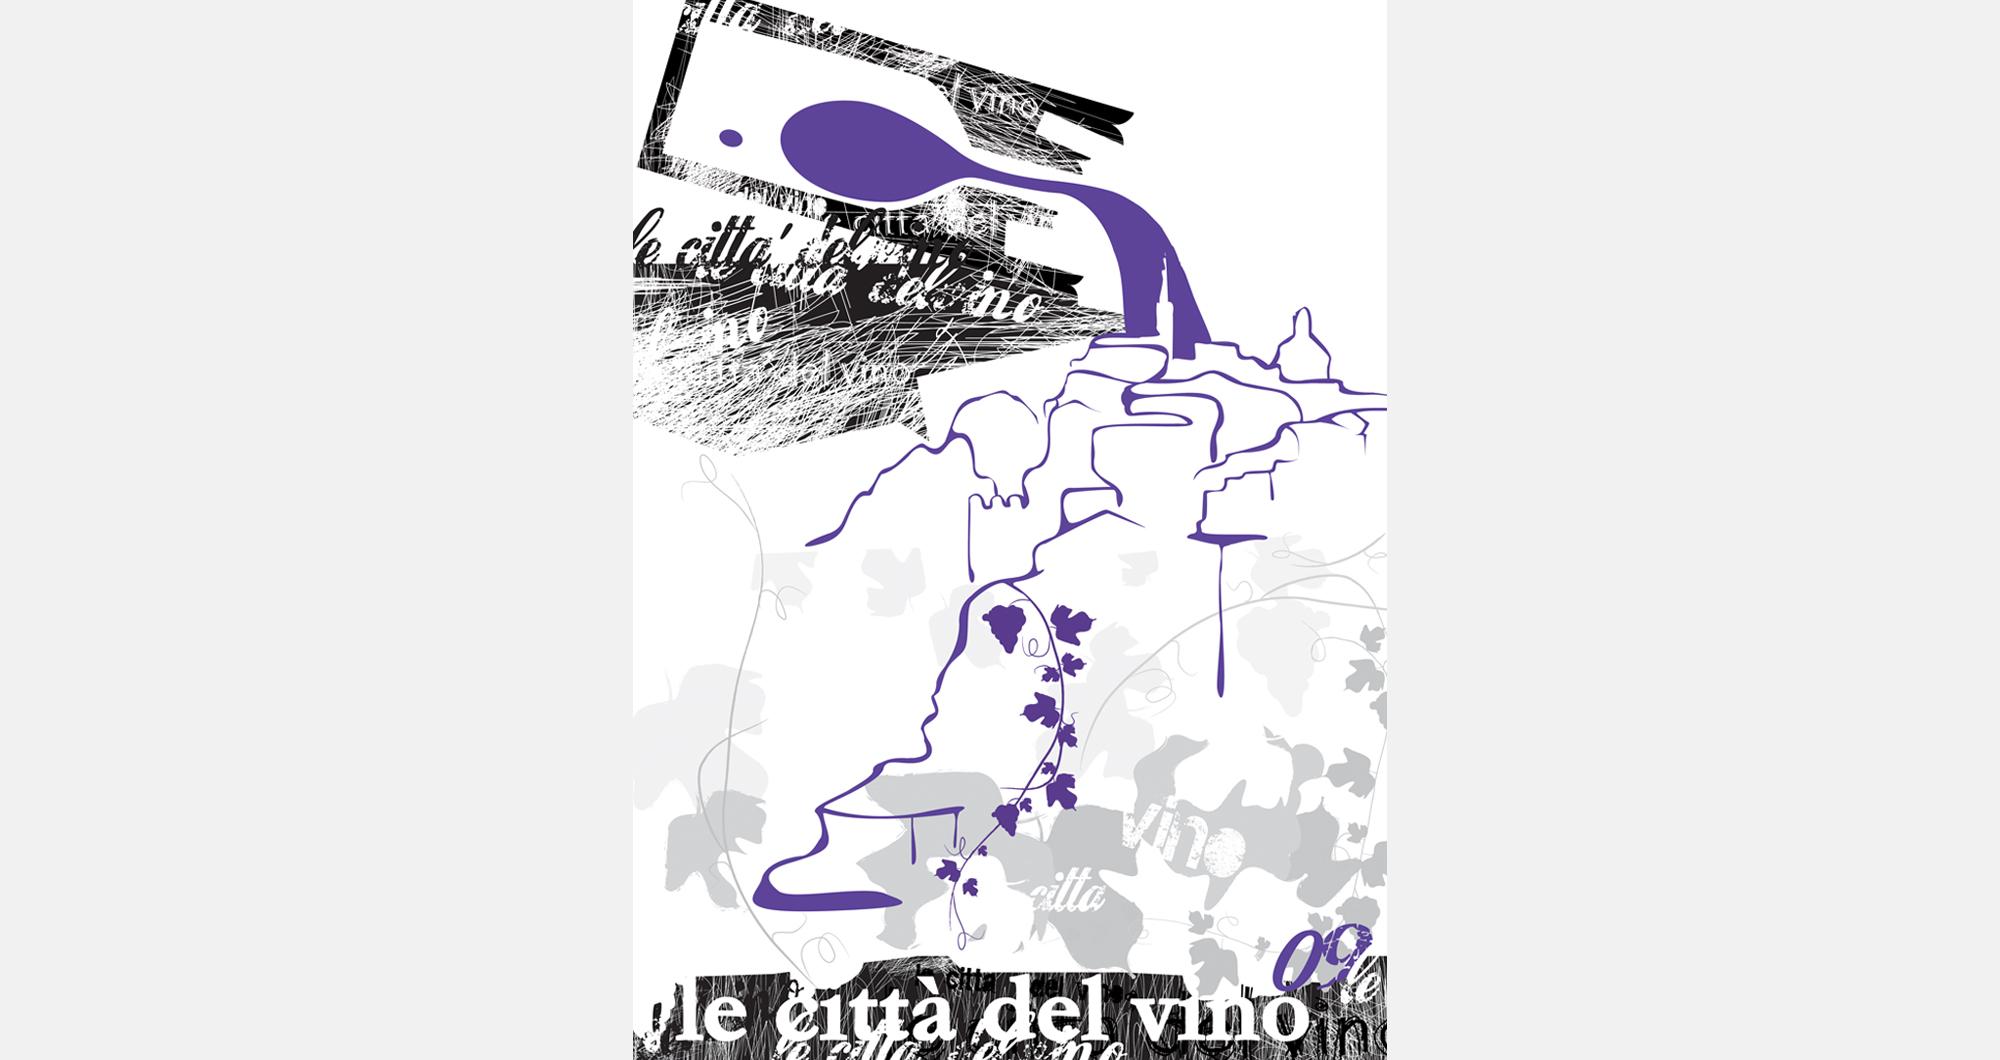 City of Wine